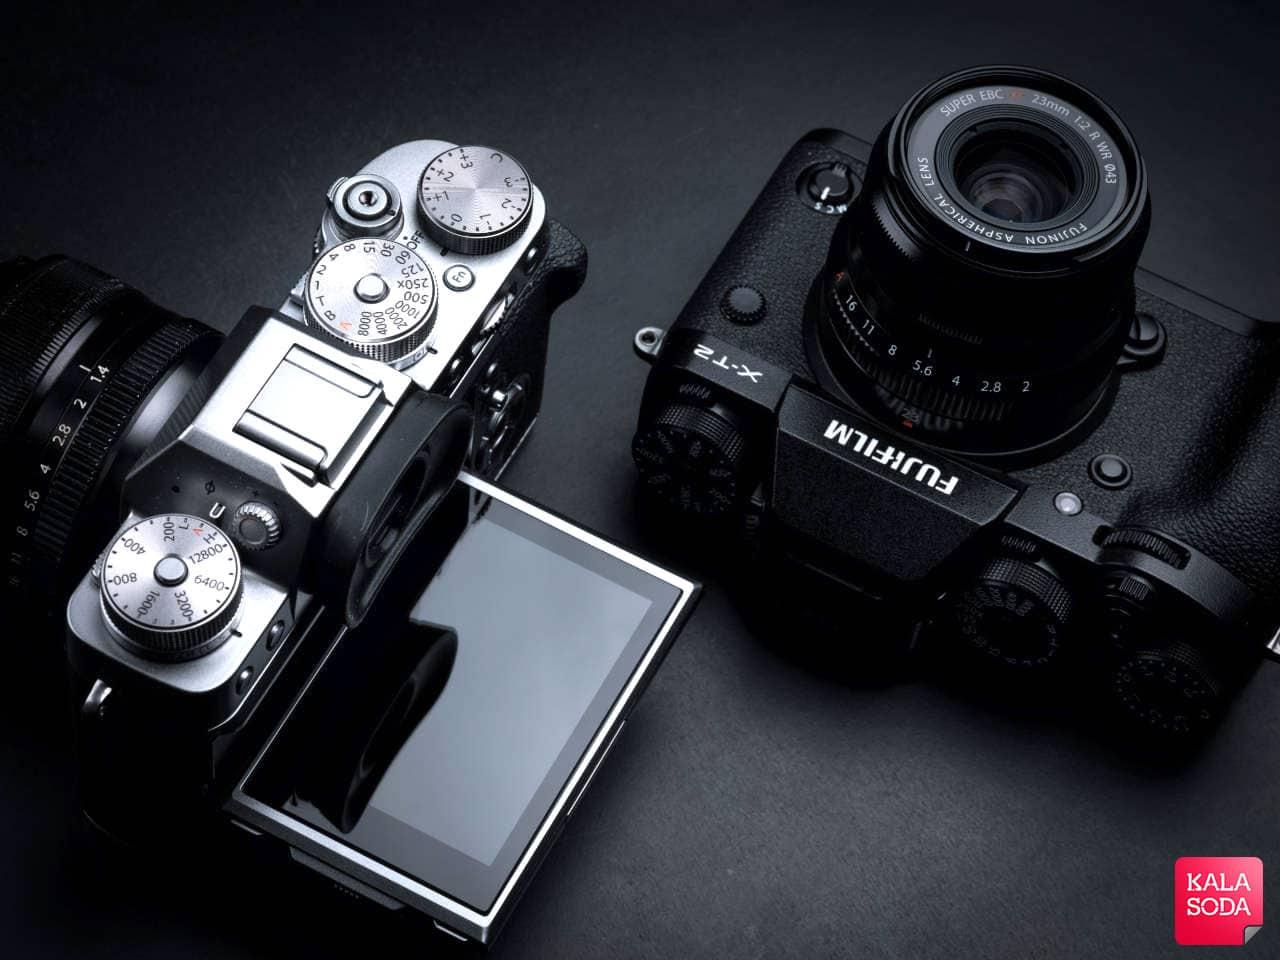 دوربین جدید فوجی فیلم یک ماه دیگر عرضه میشود کالاسودا